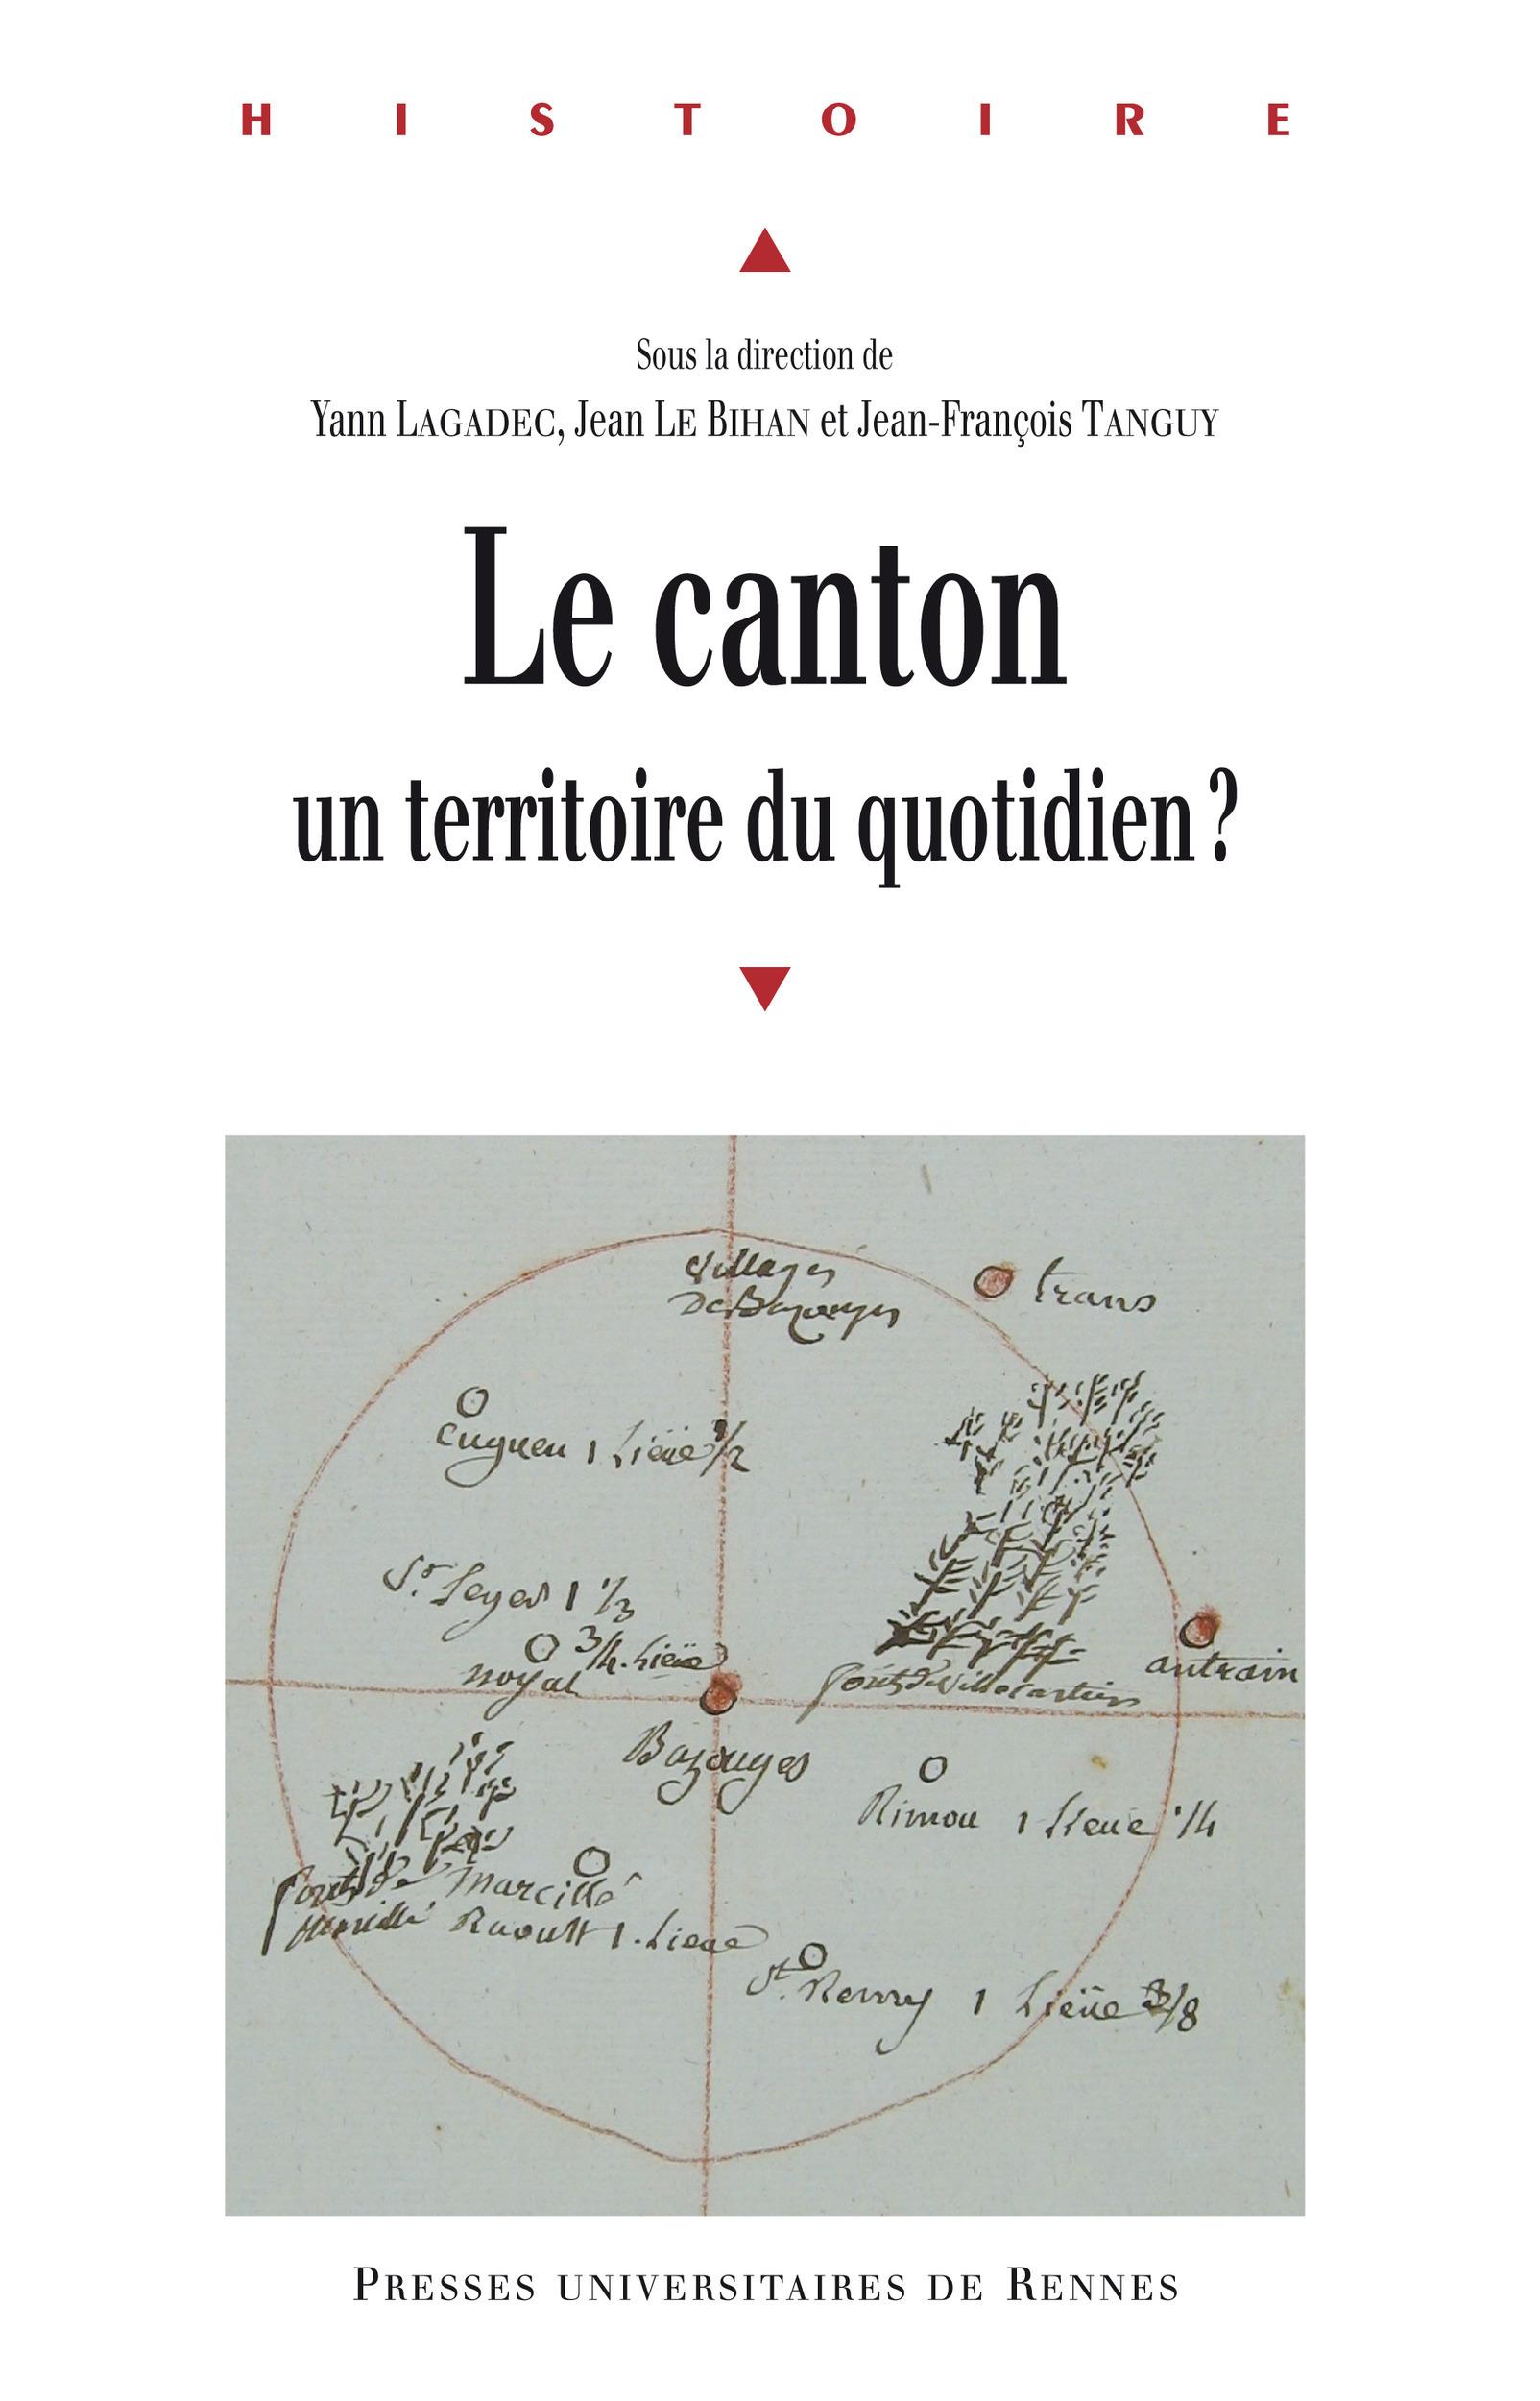 Le canton, un territoire du quotidien?  - Yann Lagadec  - Jean le Bihan  - Collectif  - Jean-François Tanguy